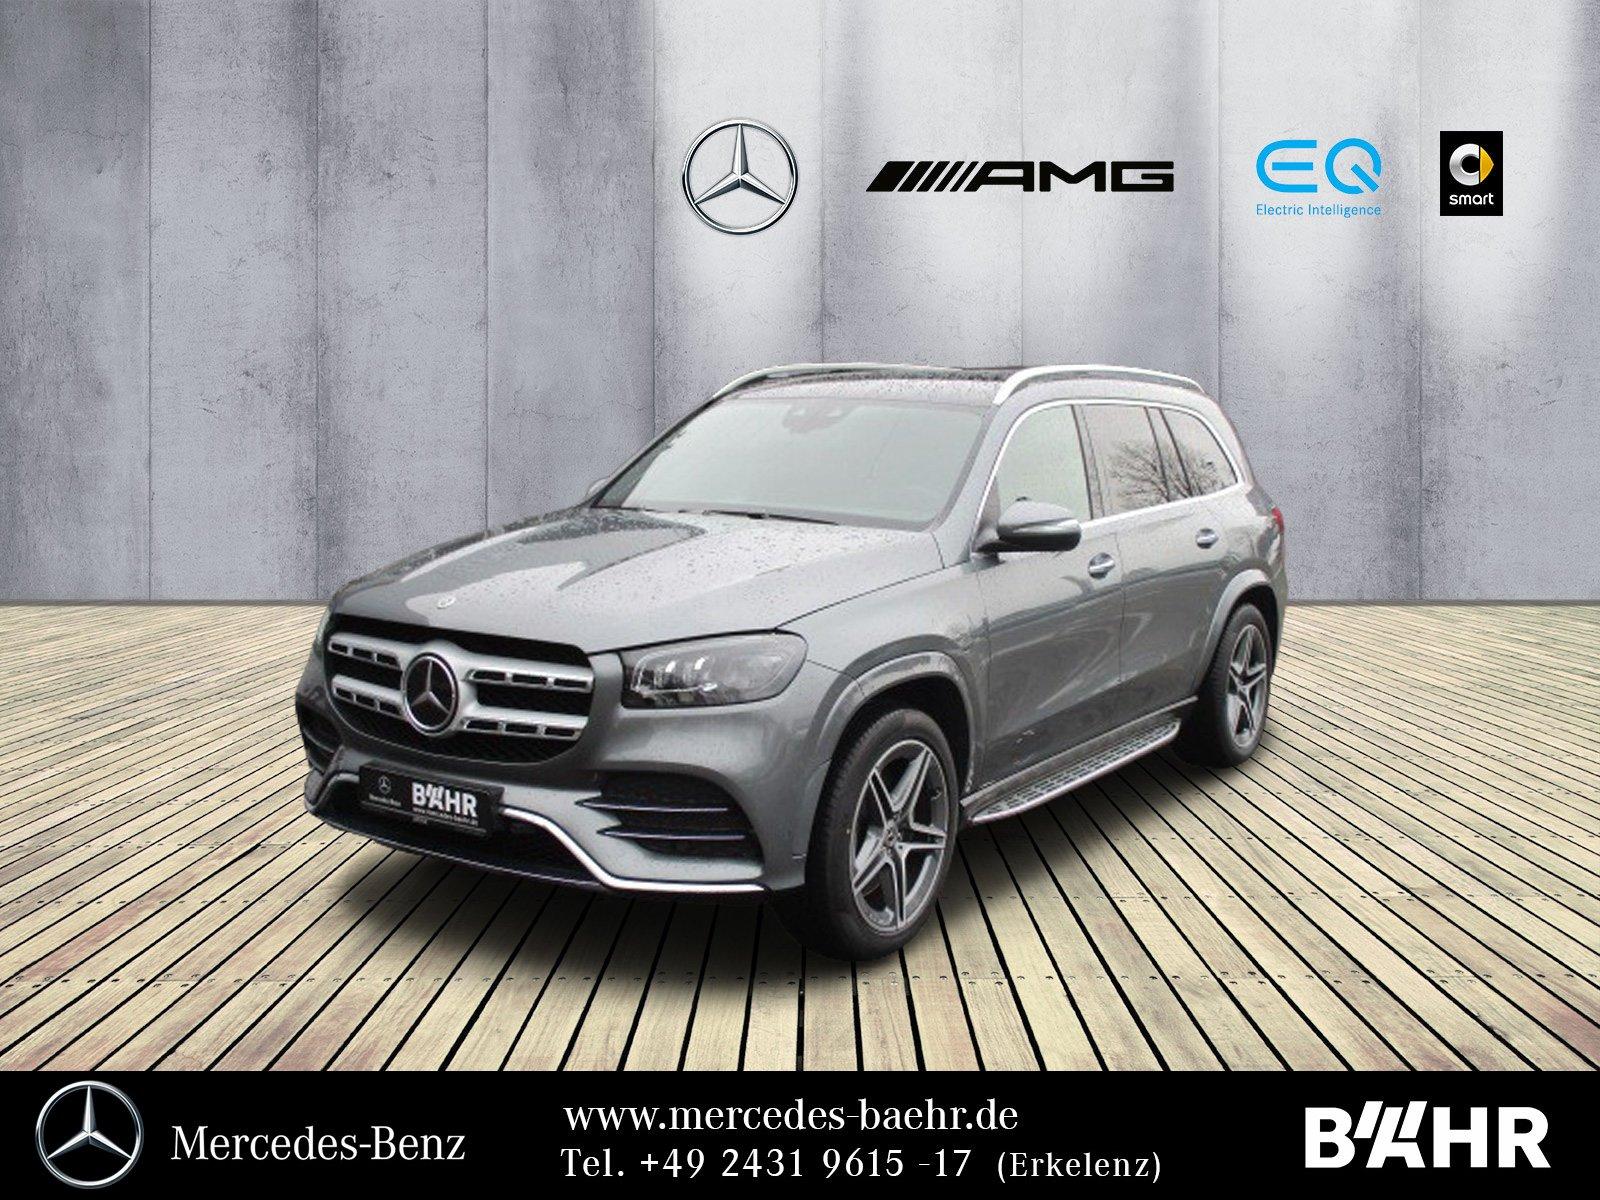 Mercedes-Benz GLS 400 d 4M AMG/MBUX-Navi/Multibeam/AHK/Head-Up, Jahr 2019, Diesel